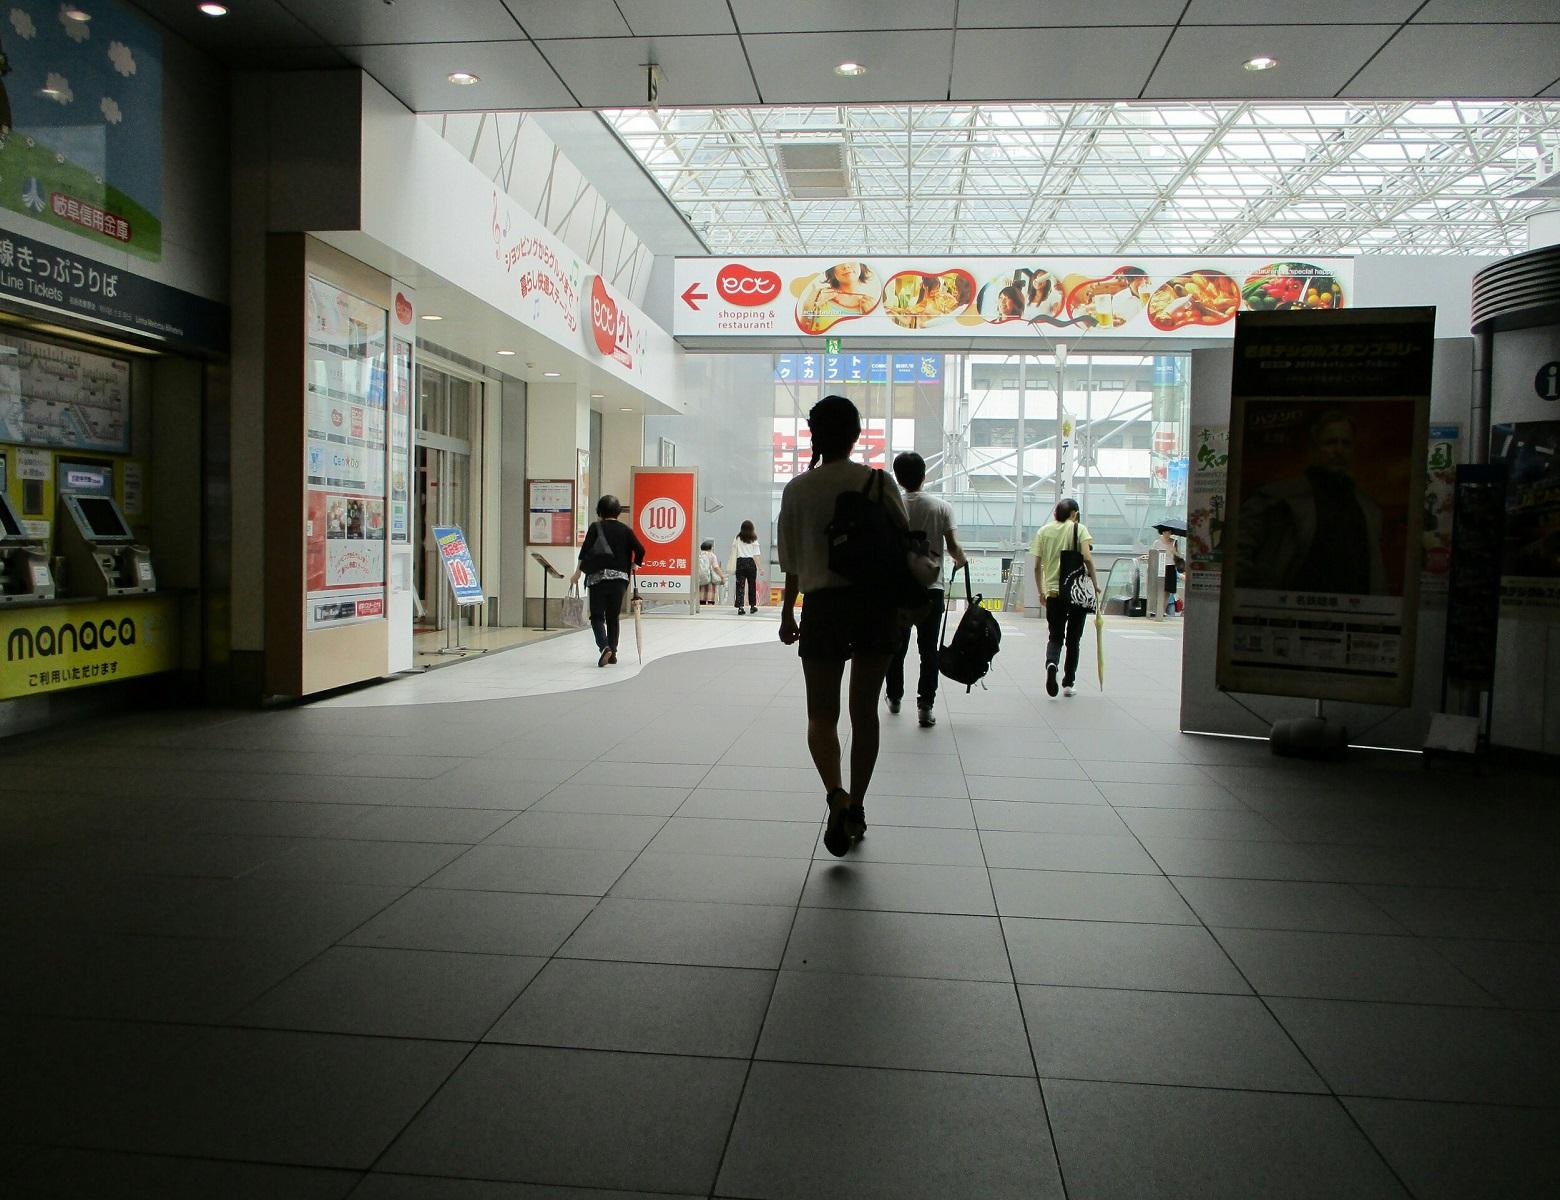 2018.6.28 (18) 岐阜 - コンコース 1560-1200